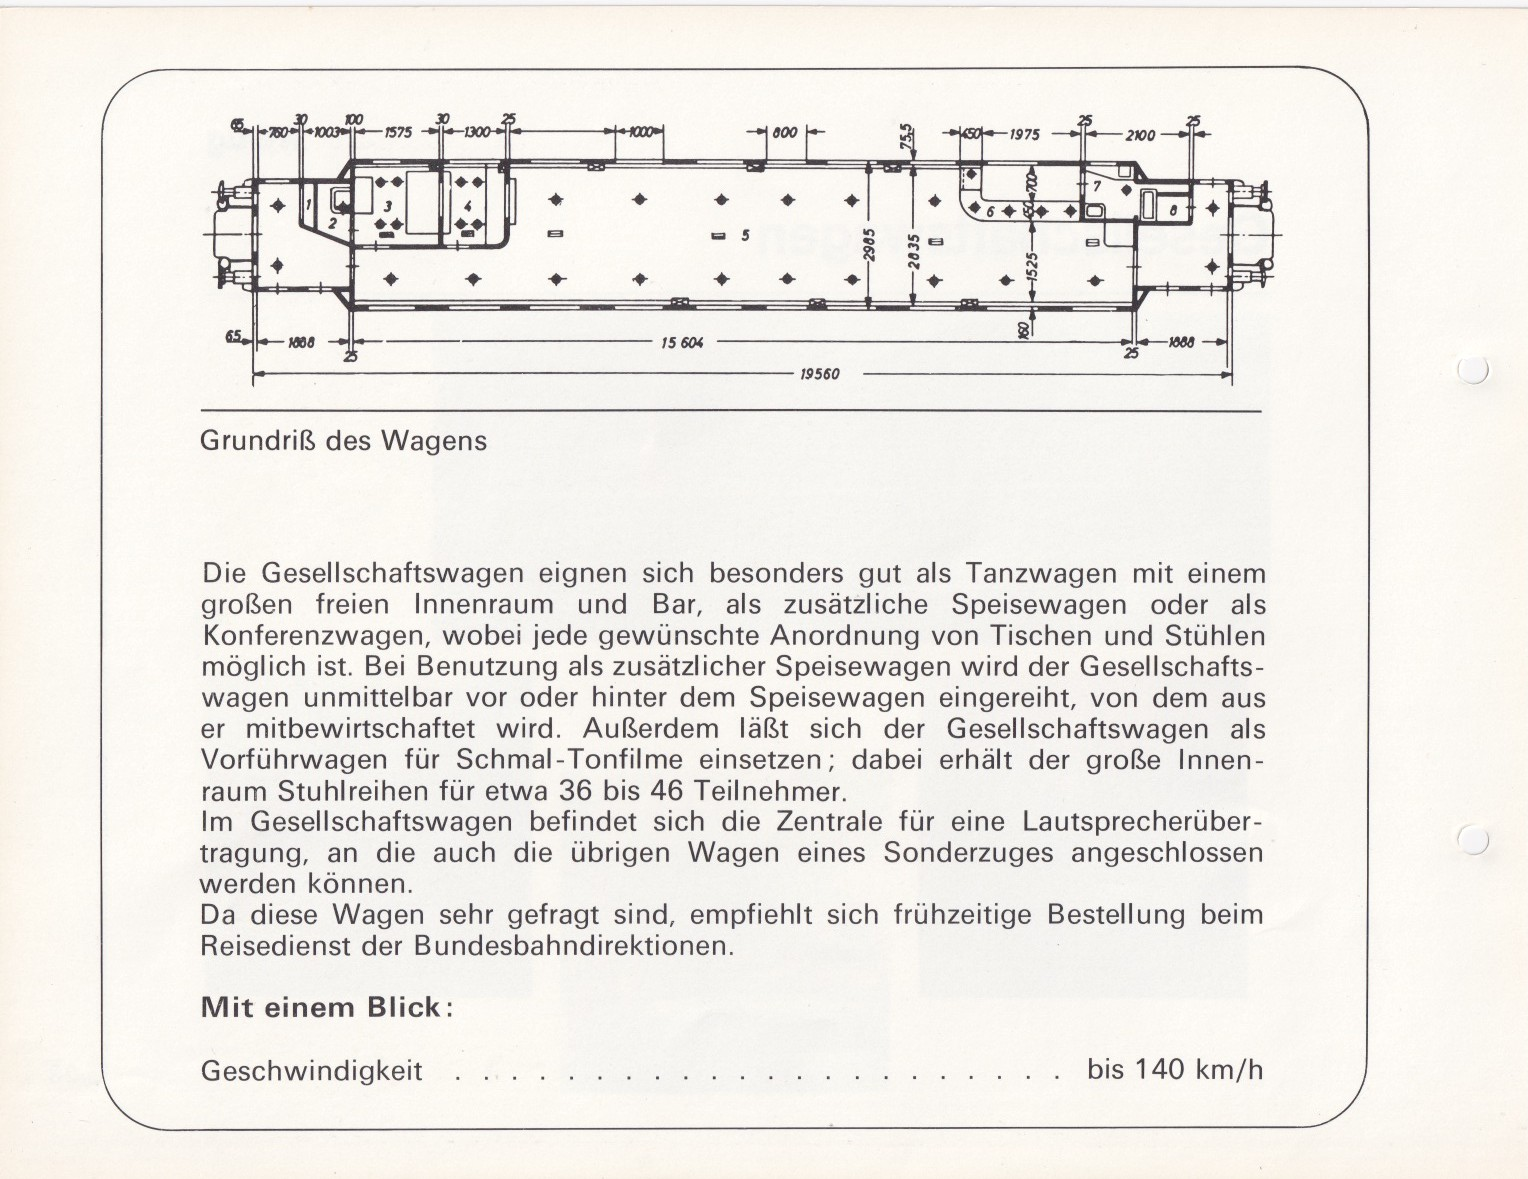 https://www.nullclub.de/hifo/Fahrzeuglexikon/Wagen28b.jpg